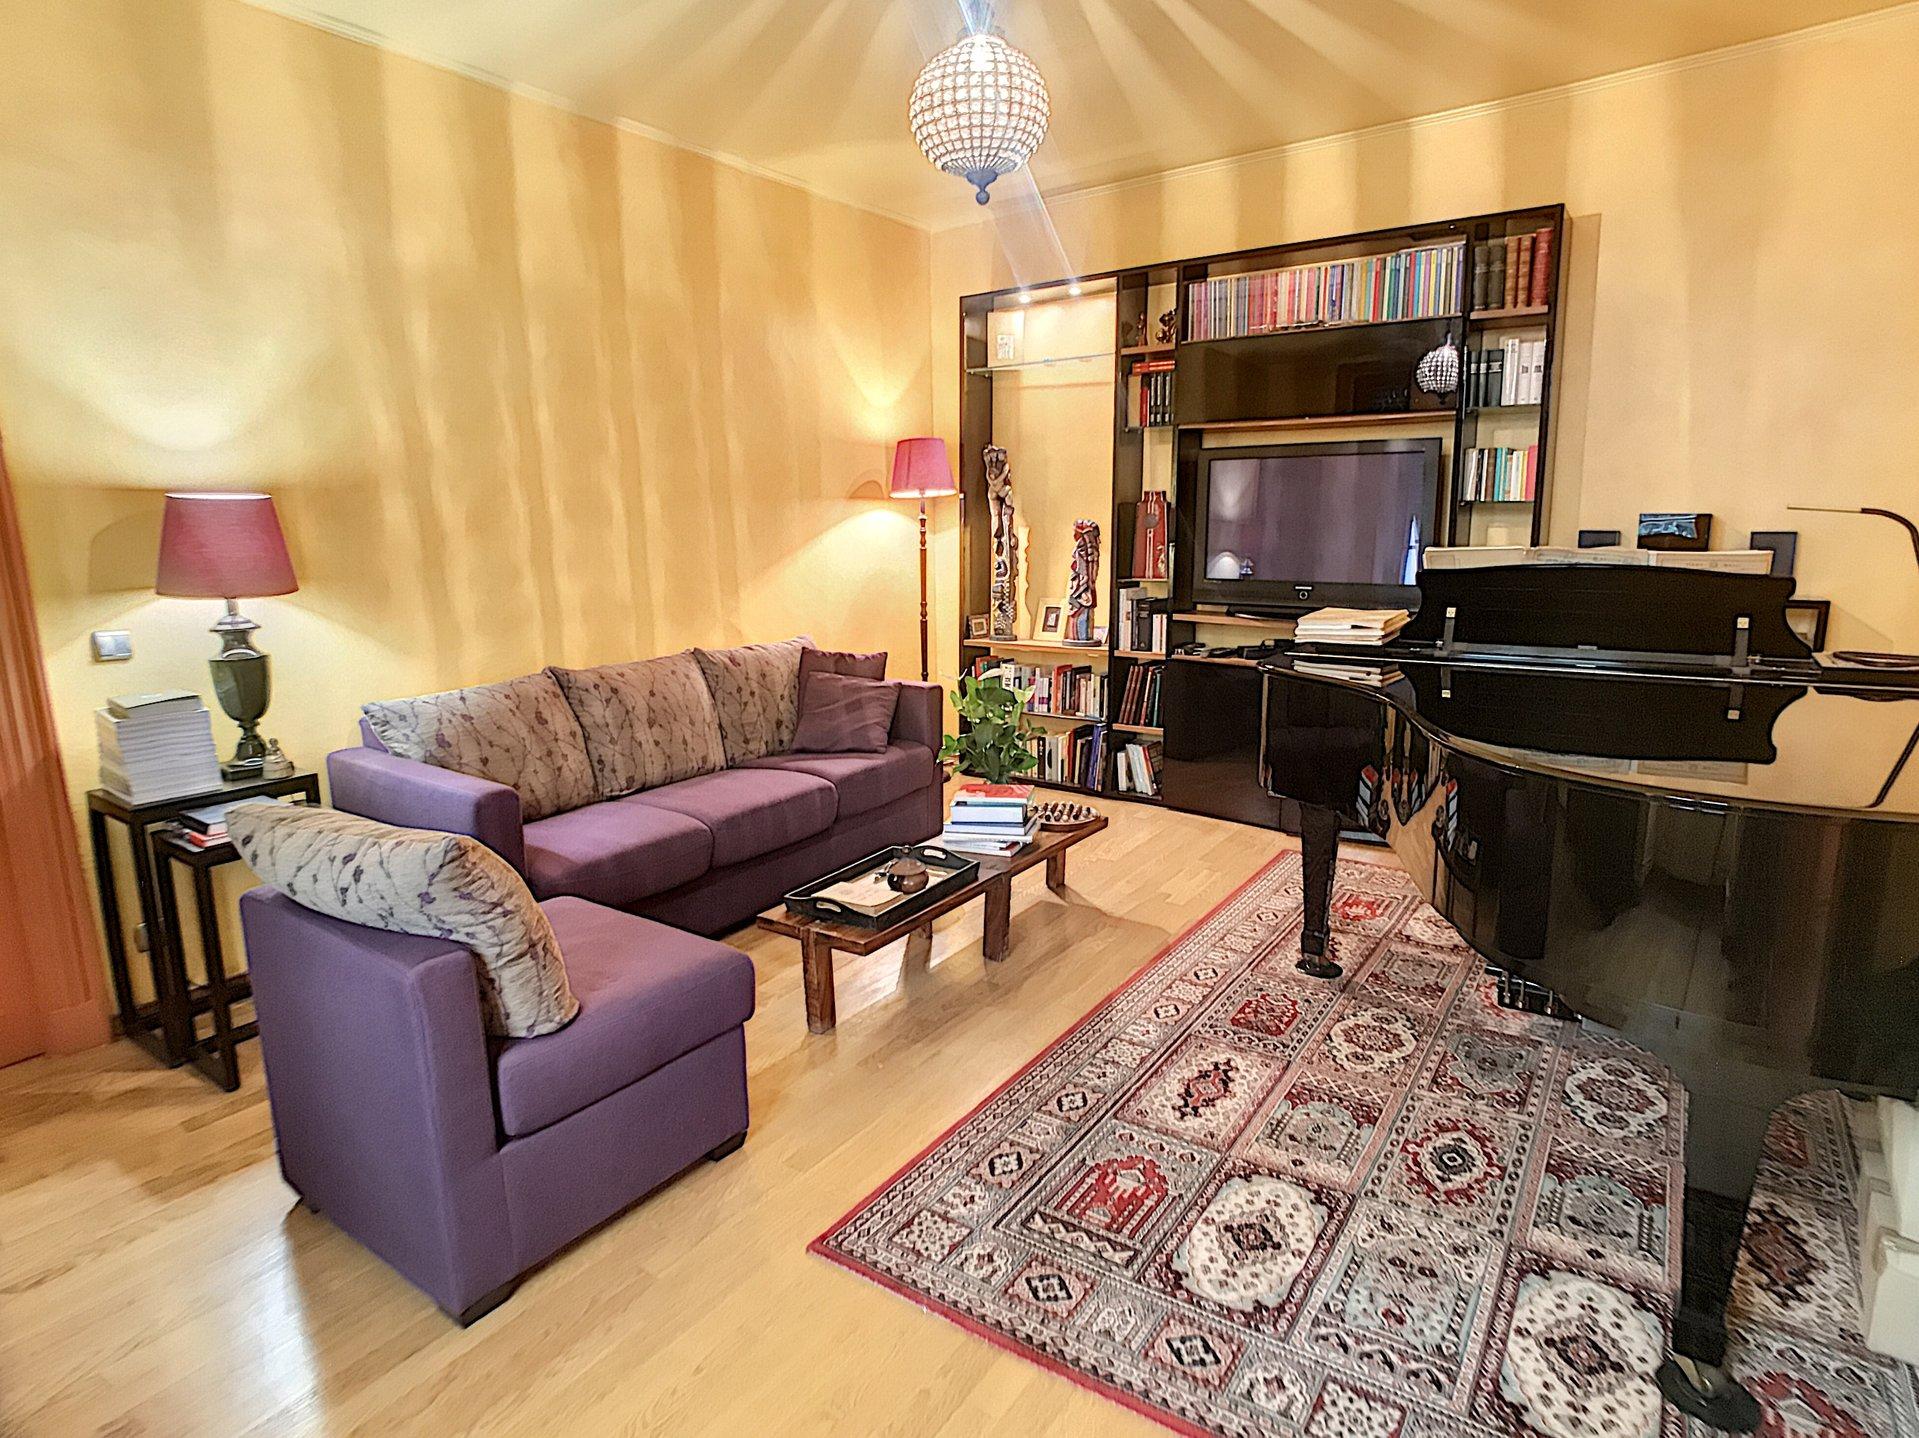 Vente Appartement 3P 91m² NICE Vieux-Nice Balcon Sublime Cave